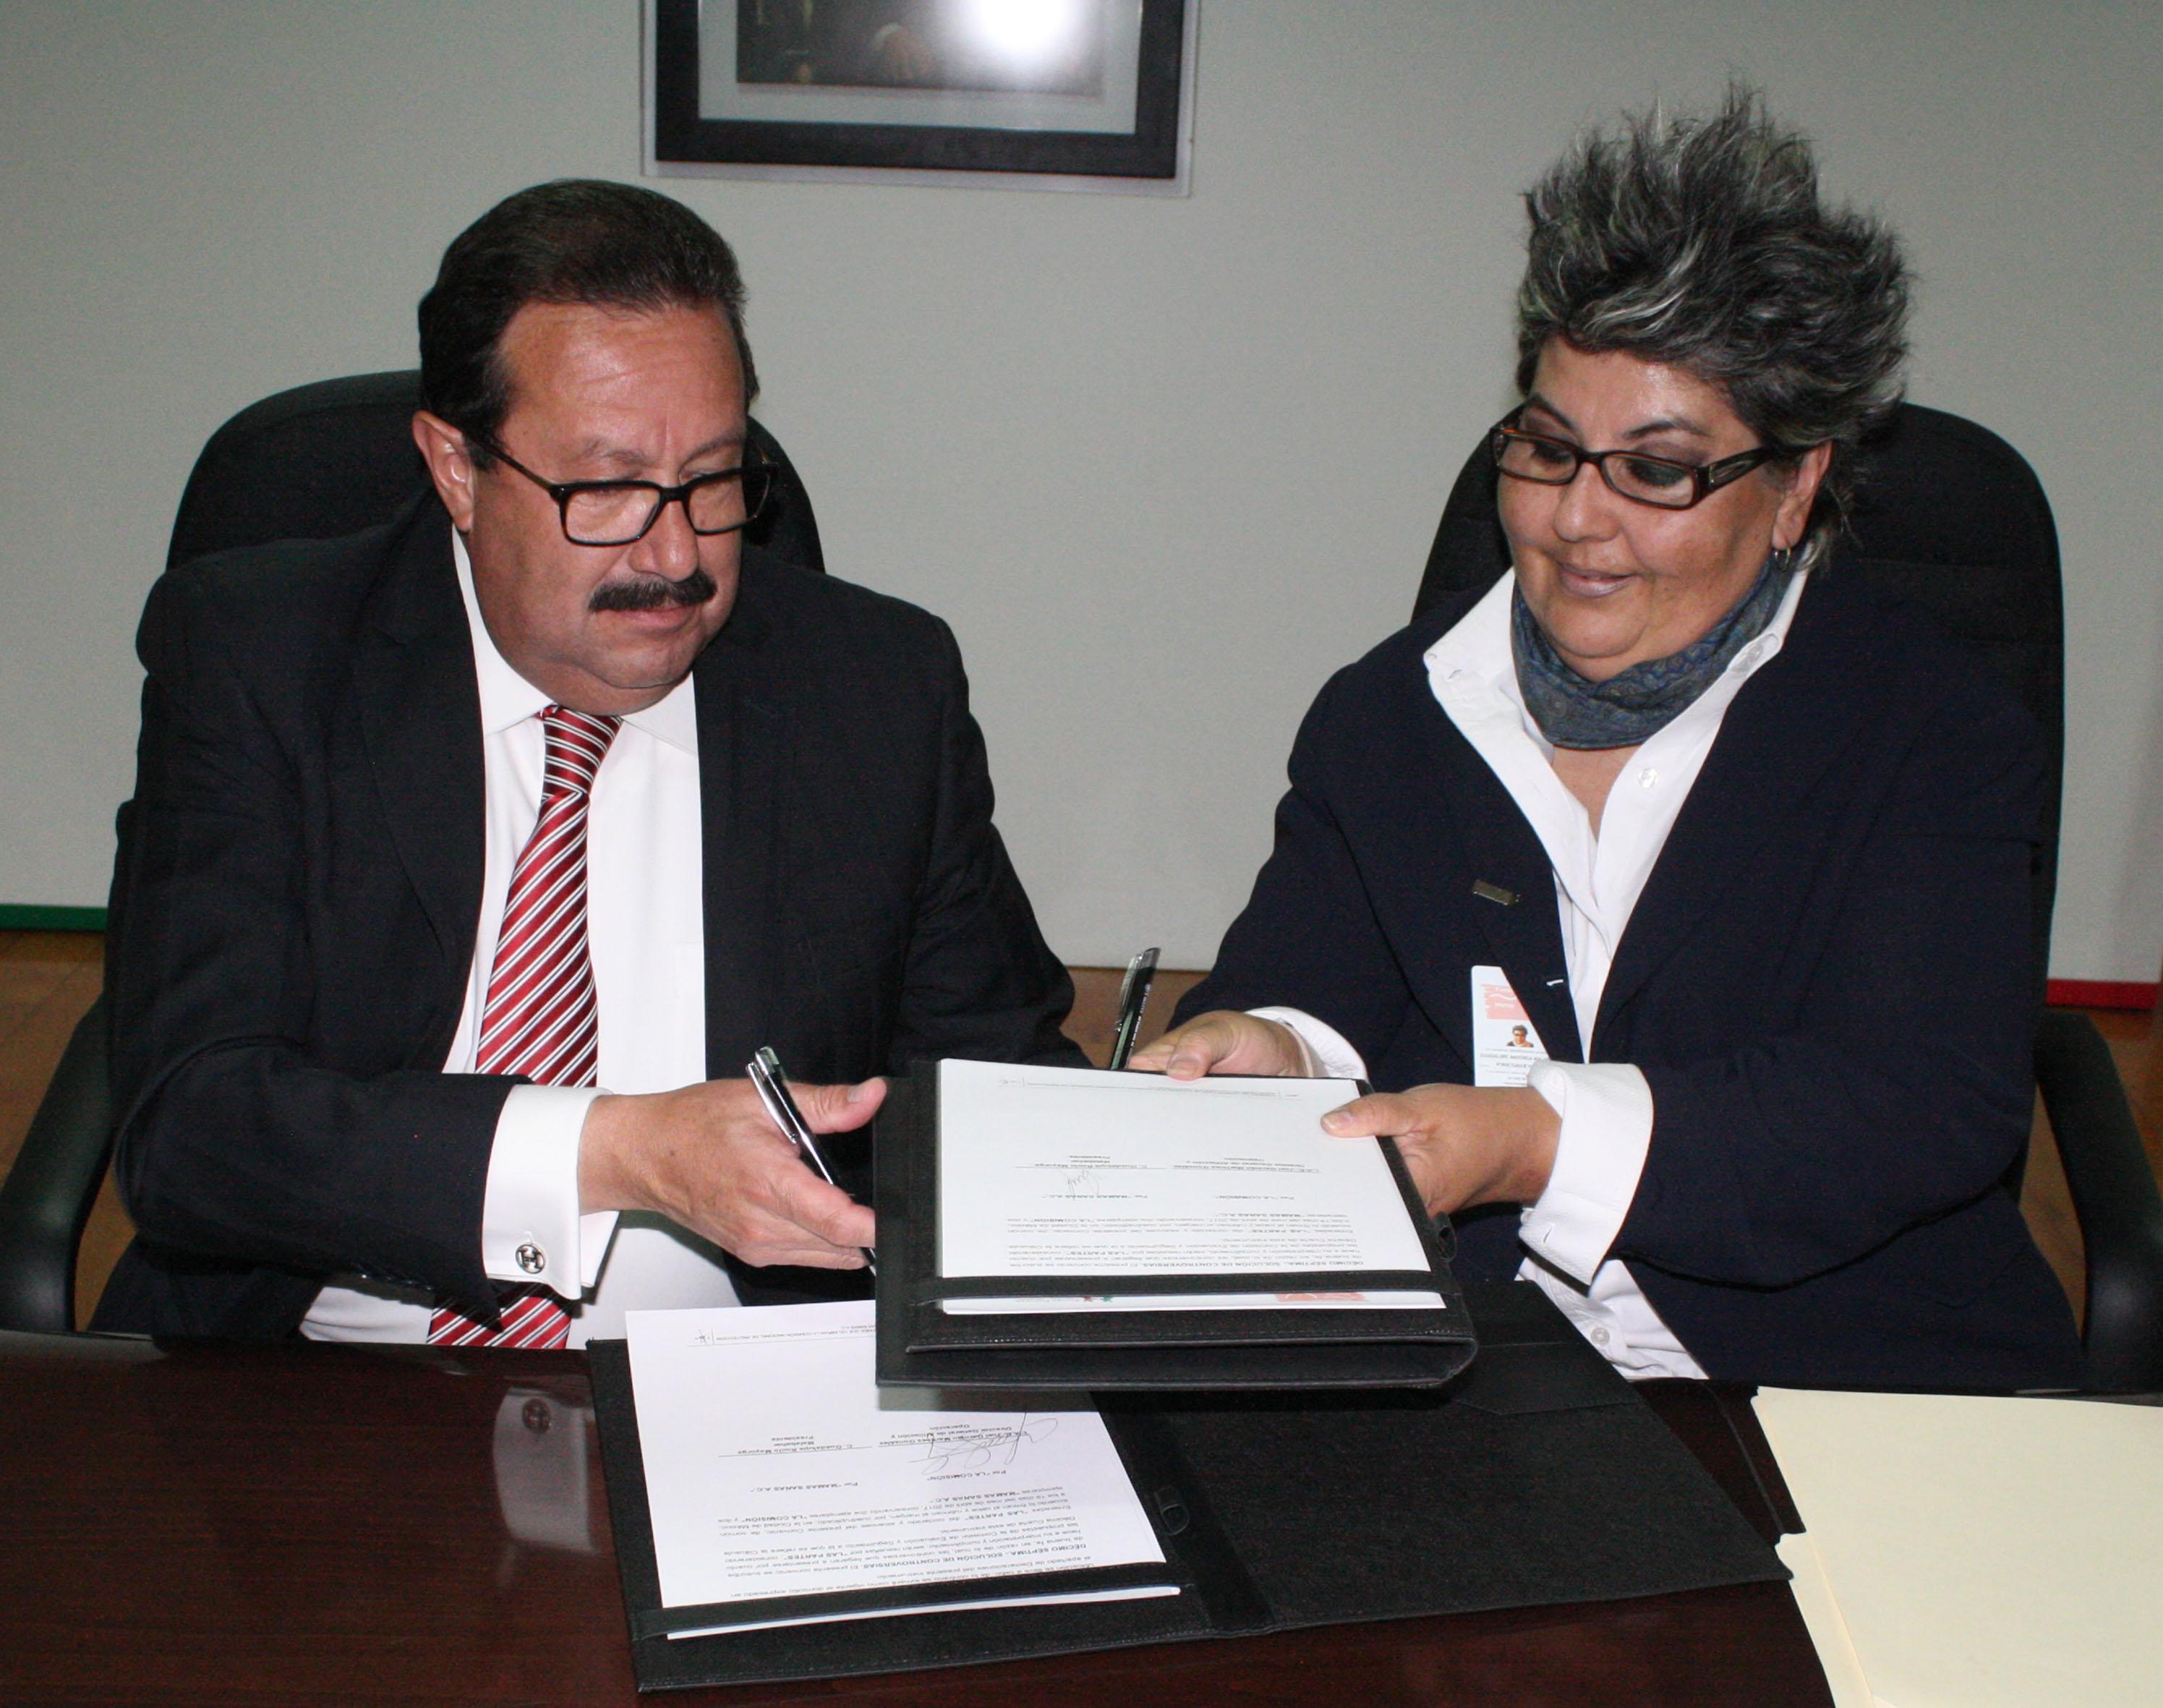 Firmando el convenio.